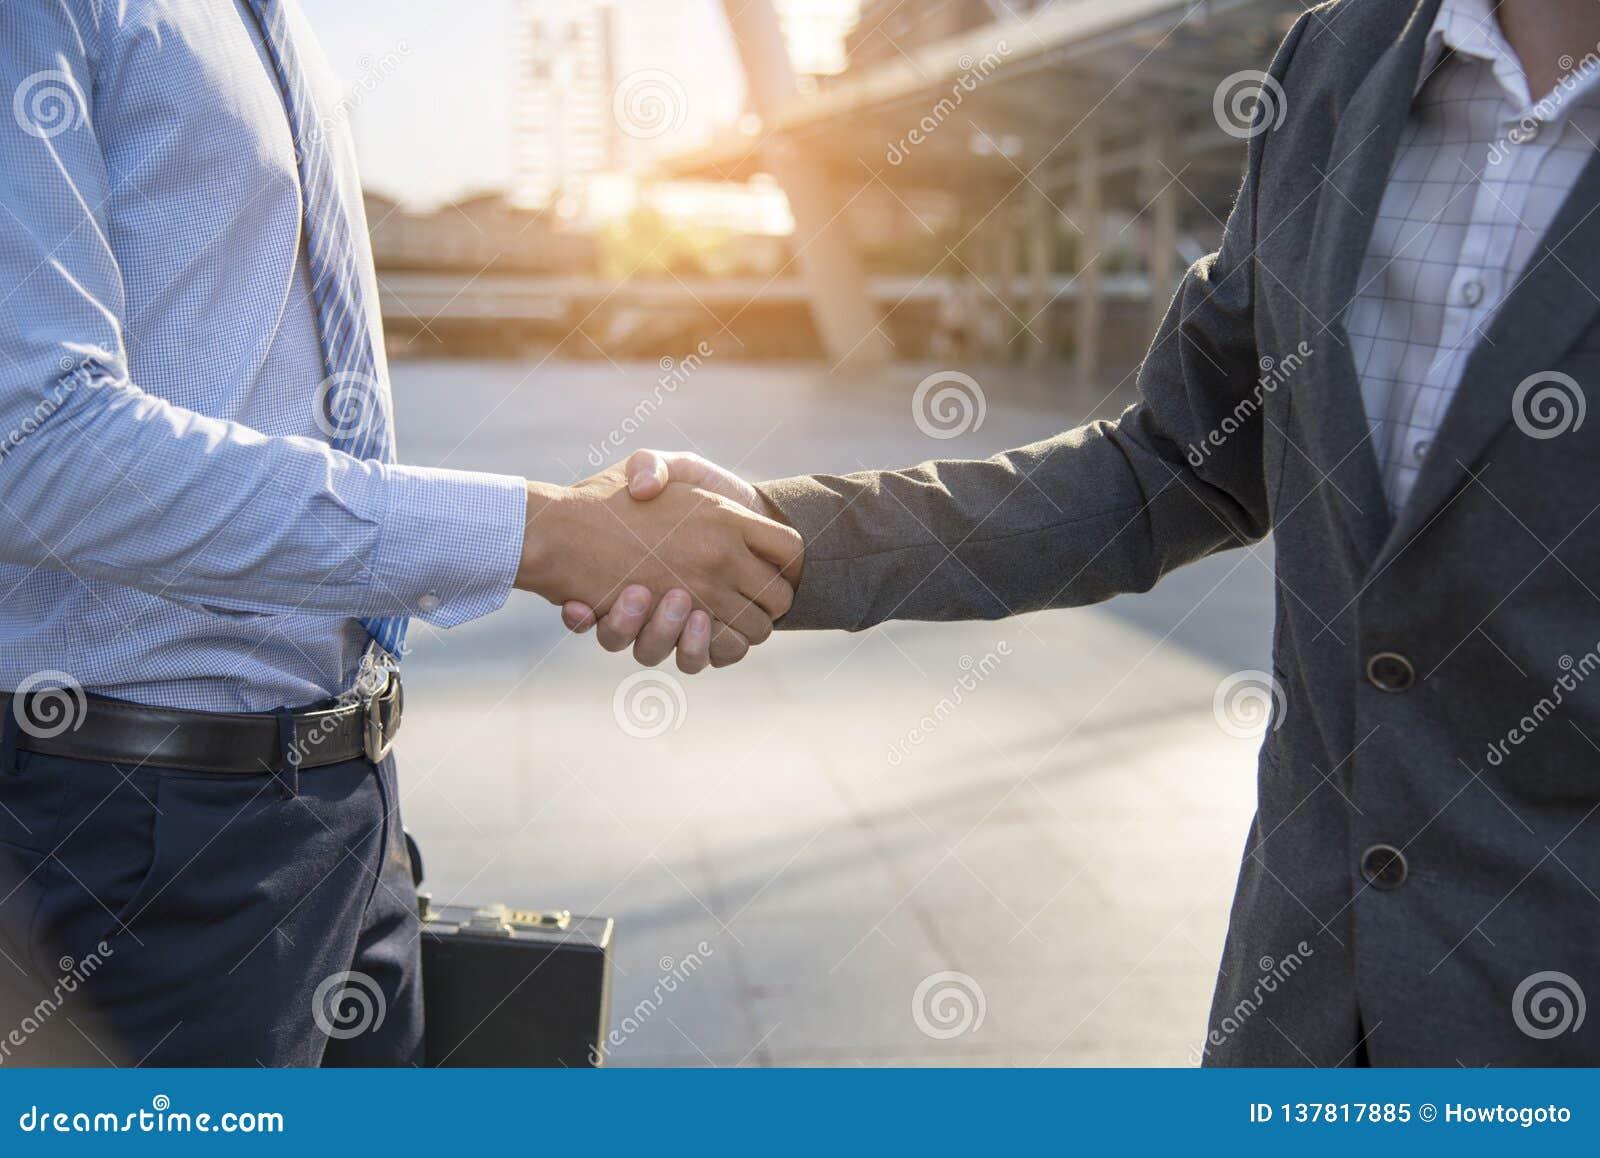 Schach stellt Bischöfe dar Freundschaft Geschäftsmann Hände zusammen rütteln Erfolgsabkommen